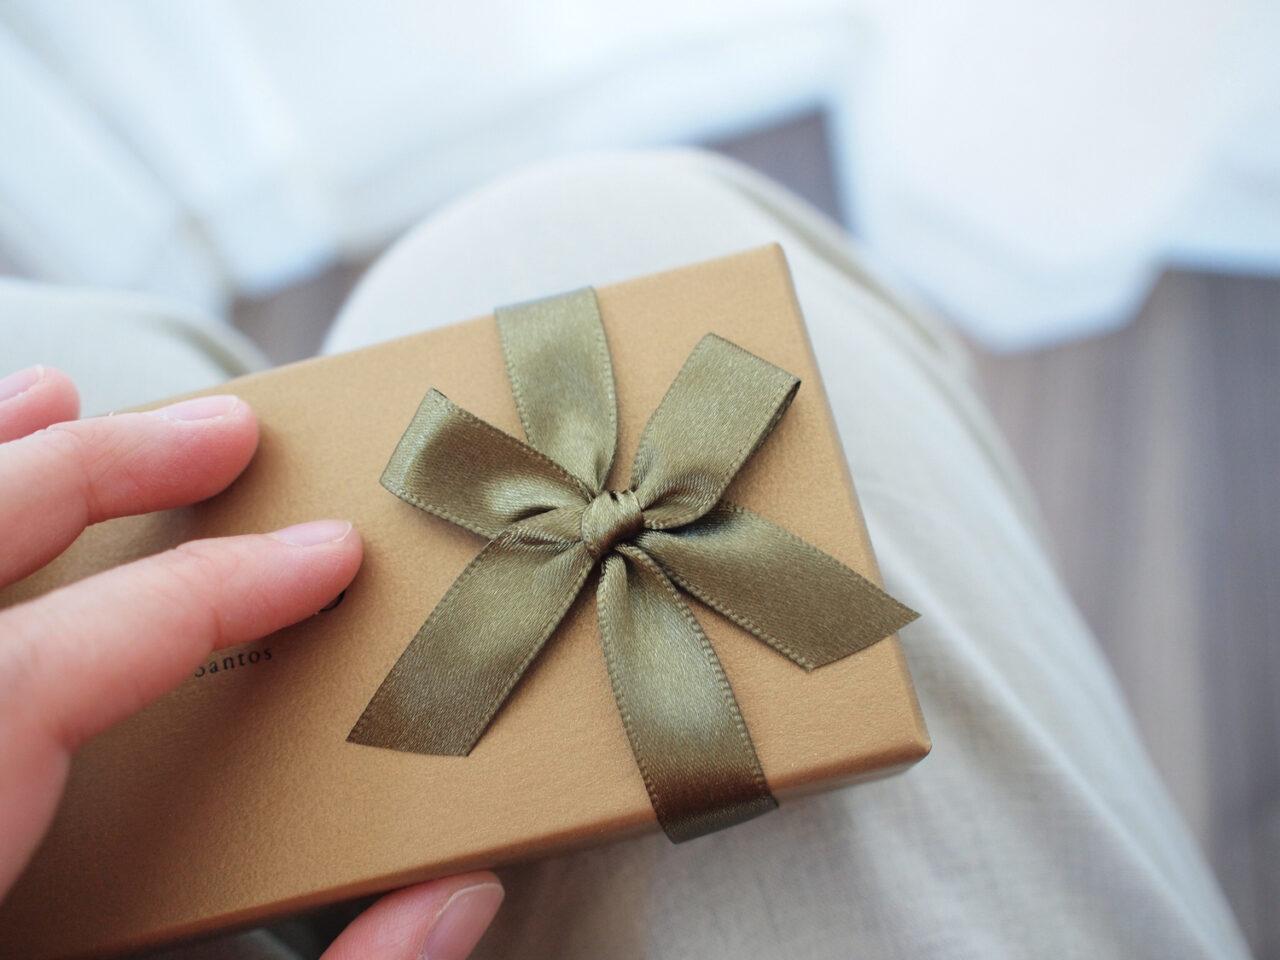 拝啓、大好きなあなたへ。なんでもない日に贈るプレゼントで私の想いを伝えよう